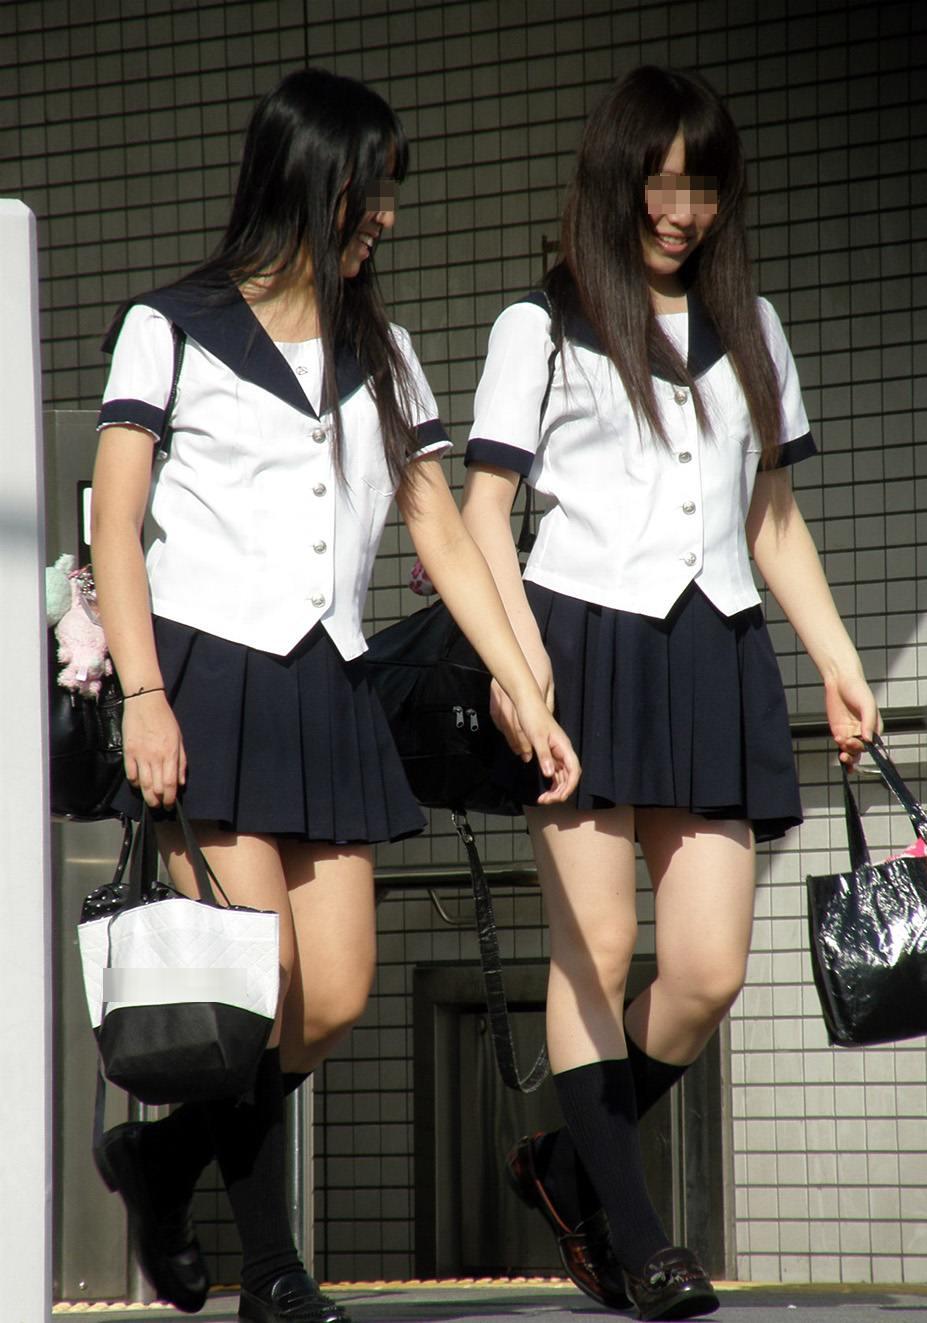 【太ももフェチエロ画像】これは素晴らしい太もも!若さ溢れるピチピチの美脚がエロすぎる女子高生を街撮りした太もも画像 その3